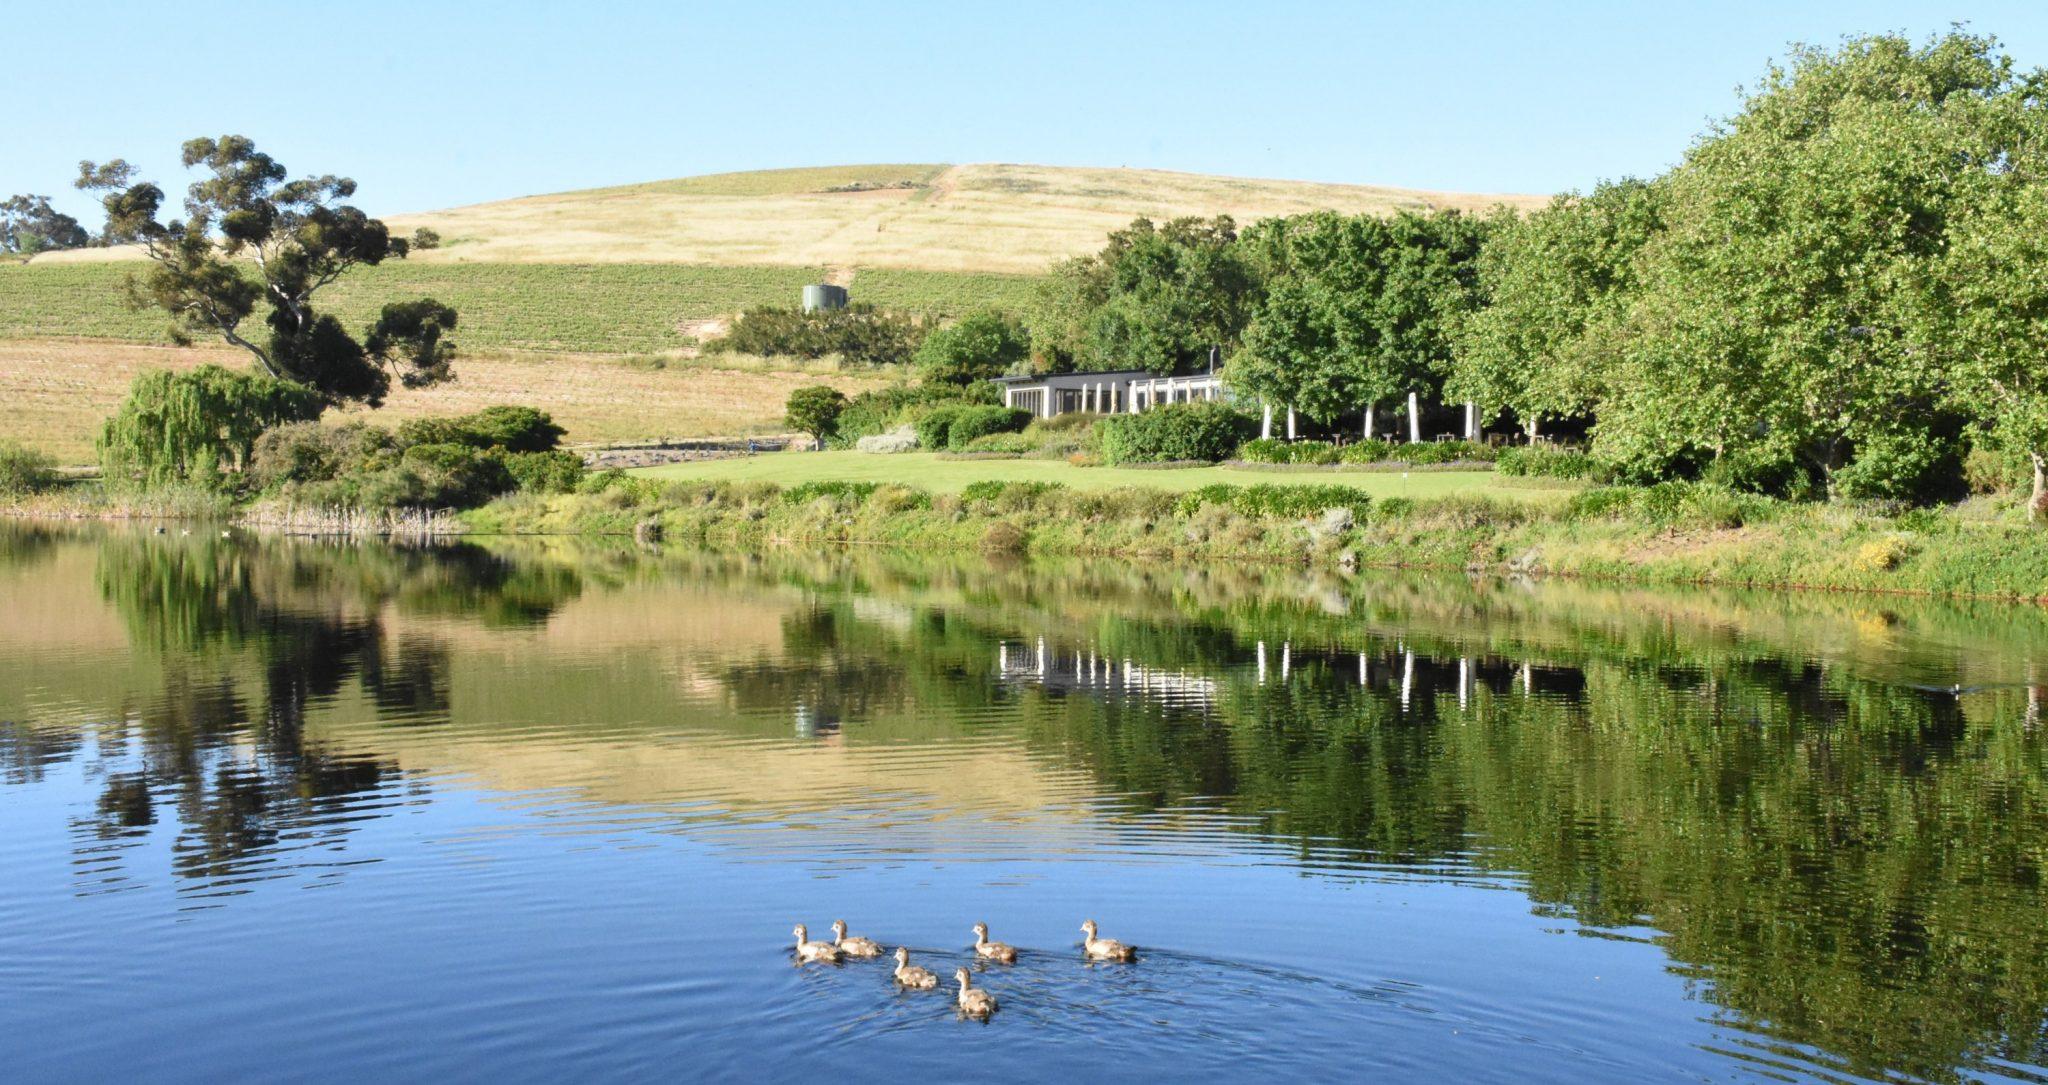 Tranquility, lake and views, Jordan Estate, Sonia Cabano blog eatdrinkcapetown